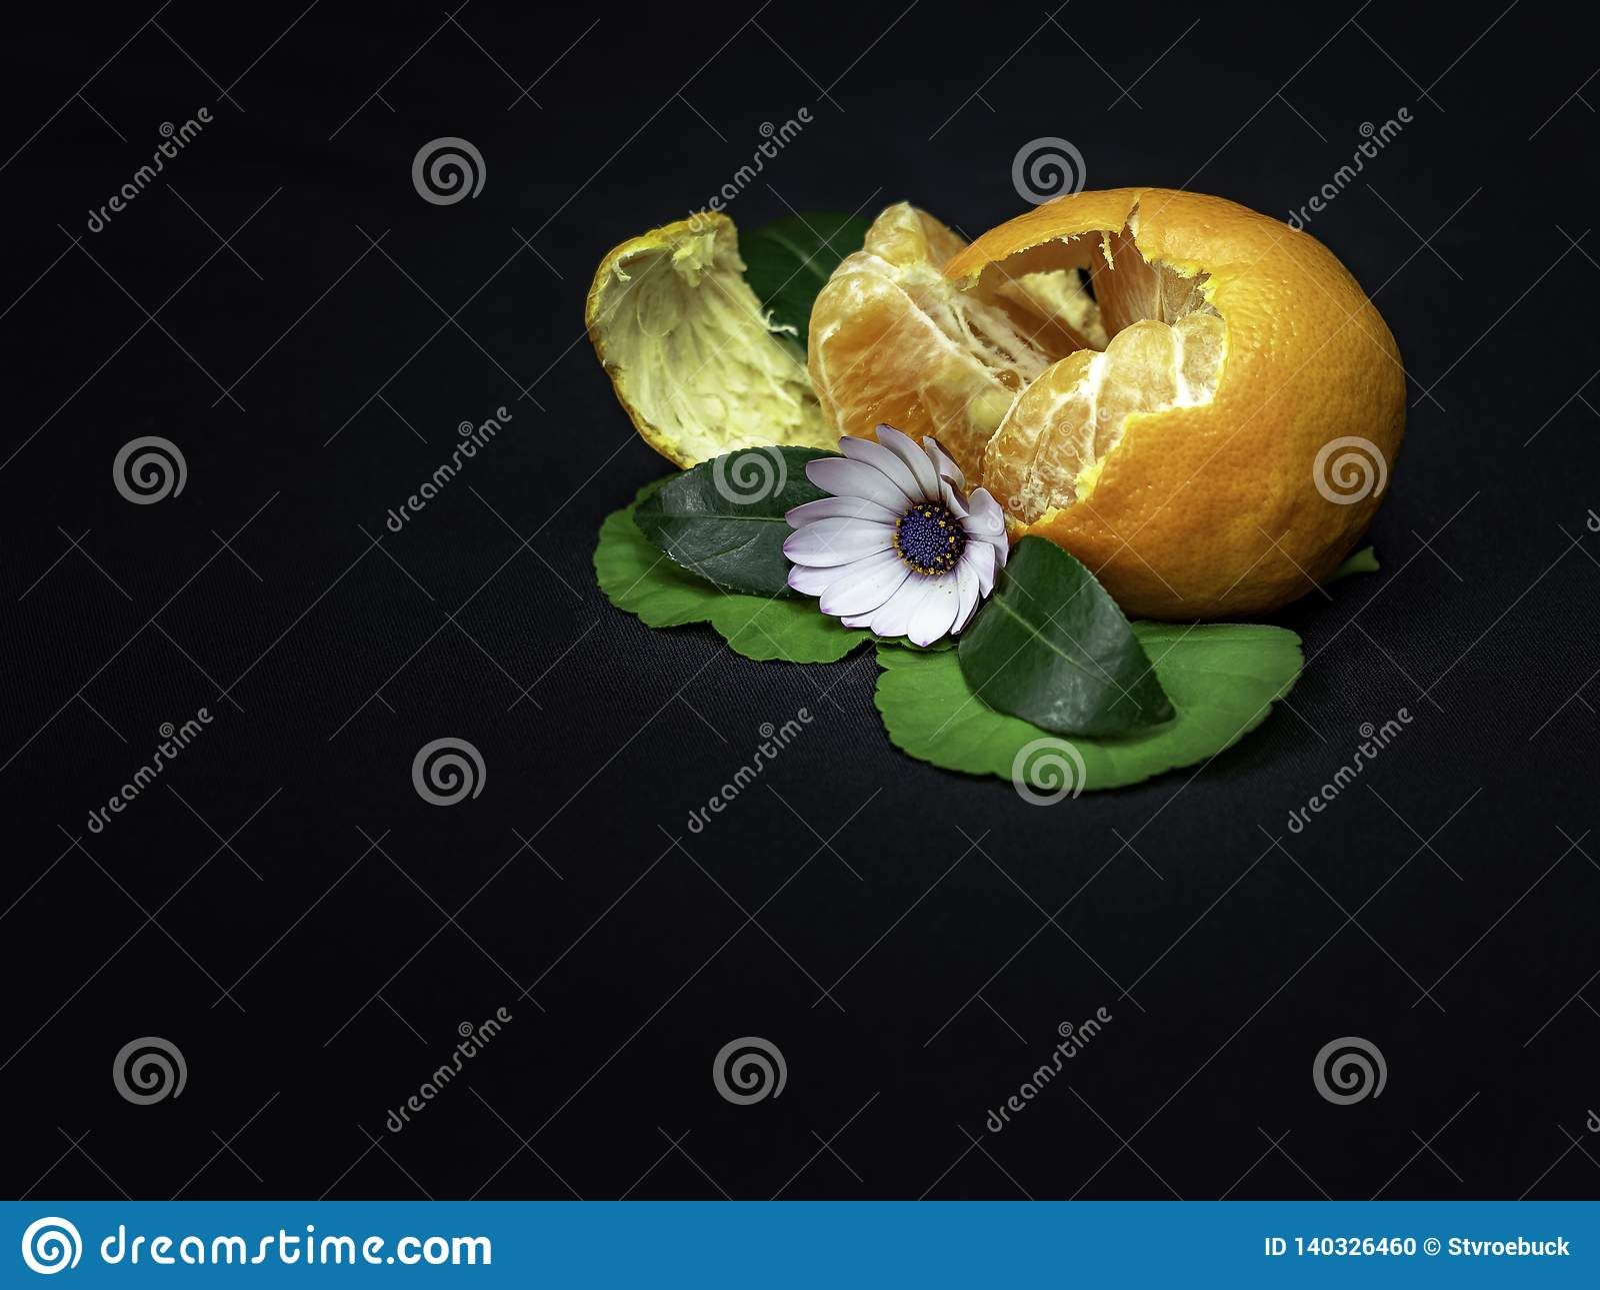 Zog teils Orange mit Gänseblümchendekoration mit Blättern auf einem schwarzen Hintergrund ab